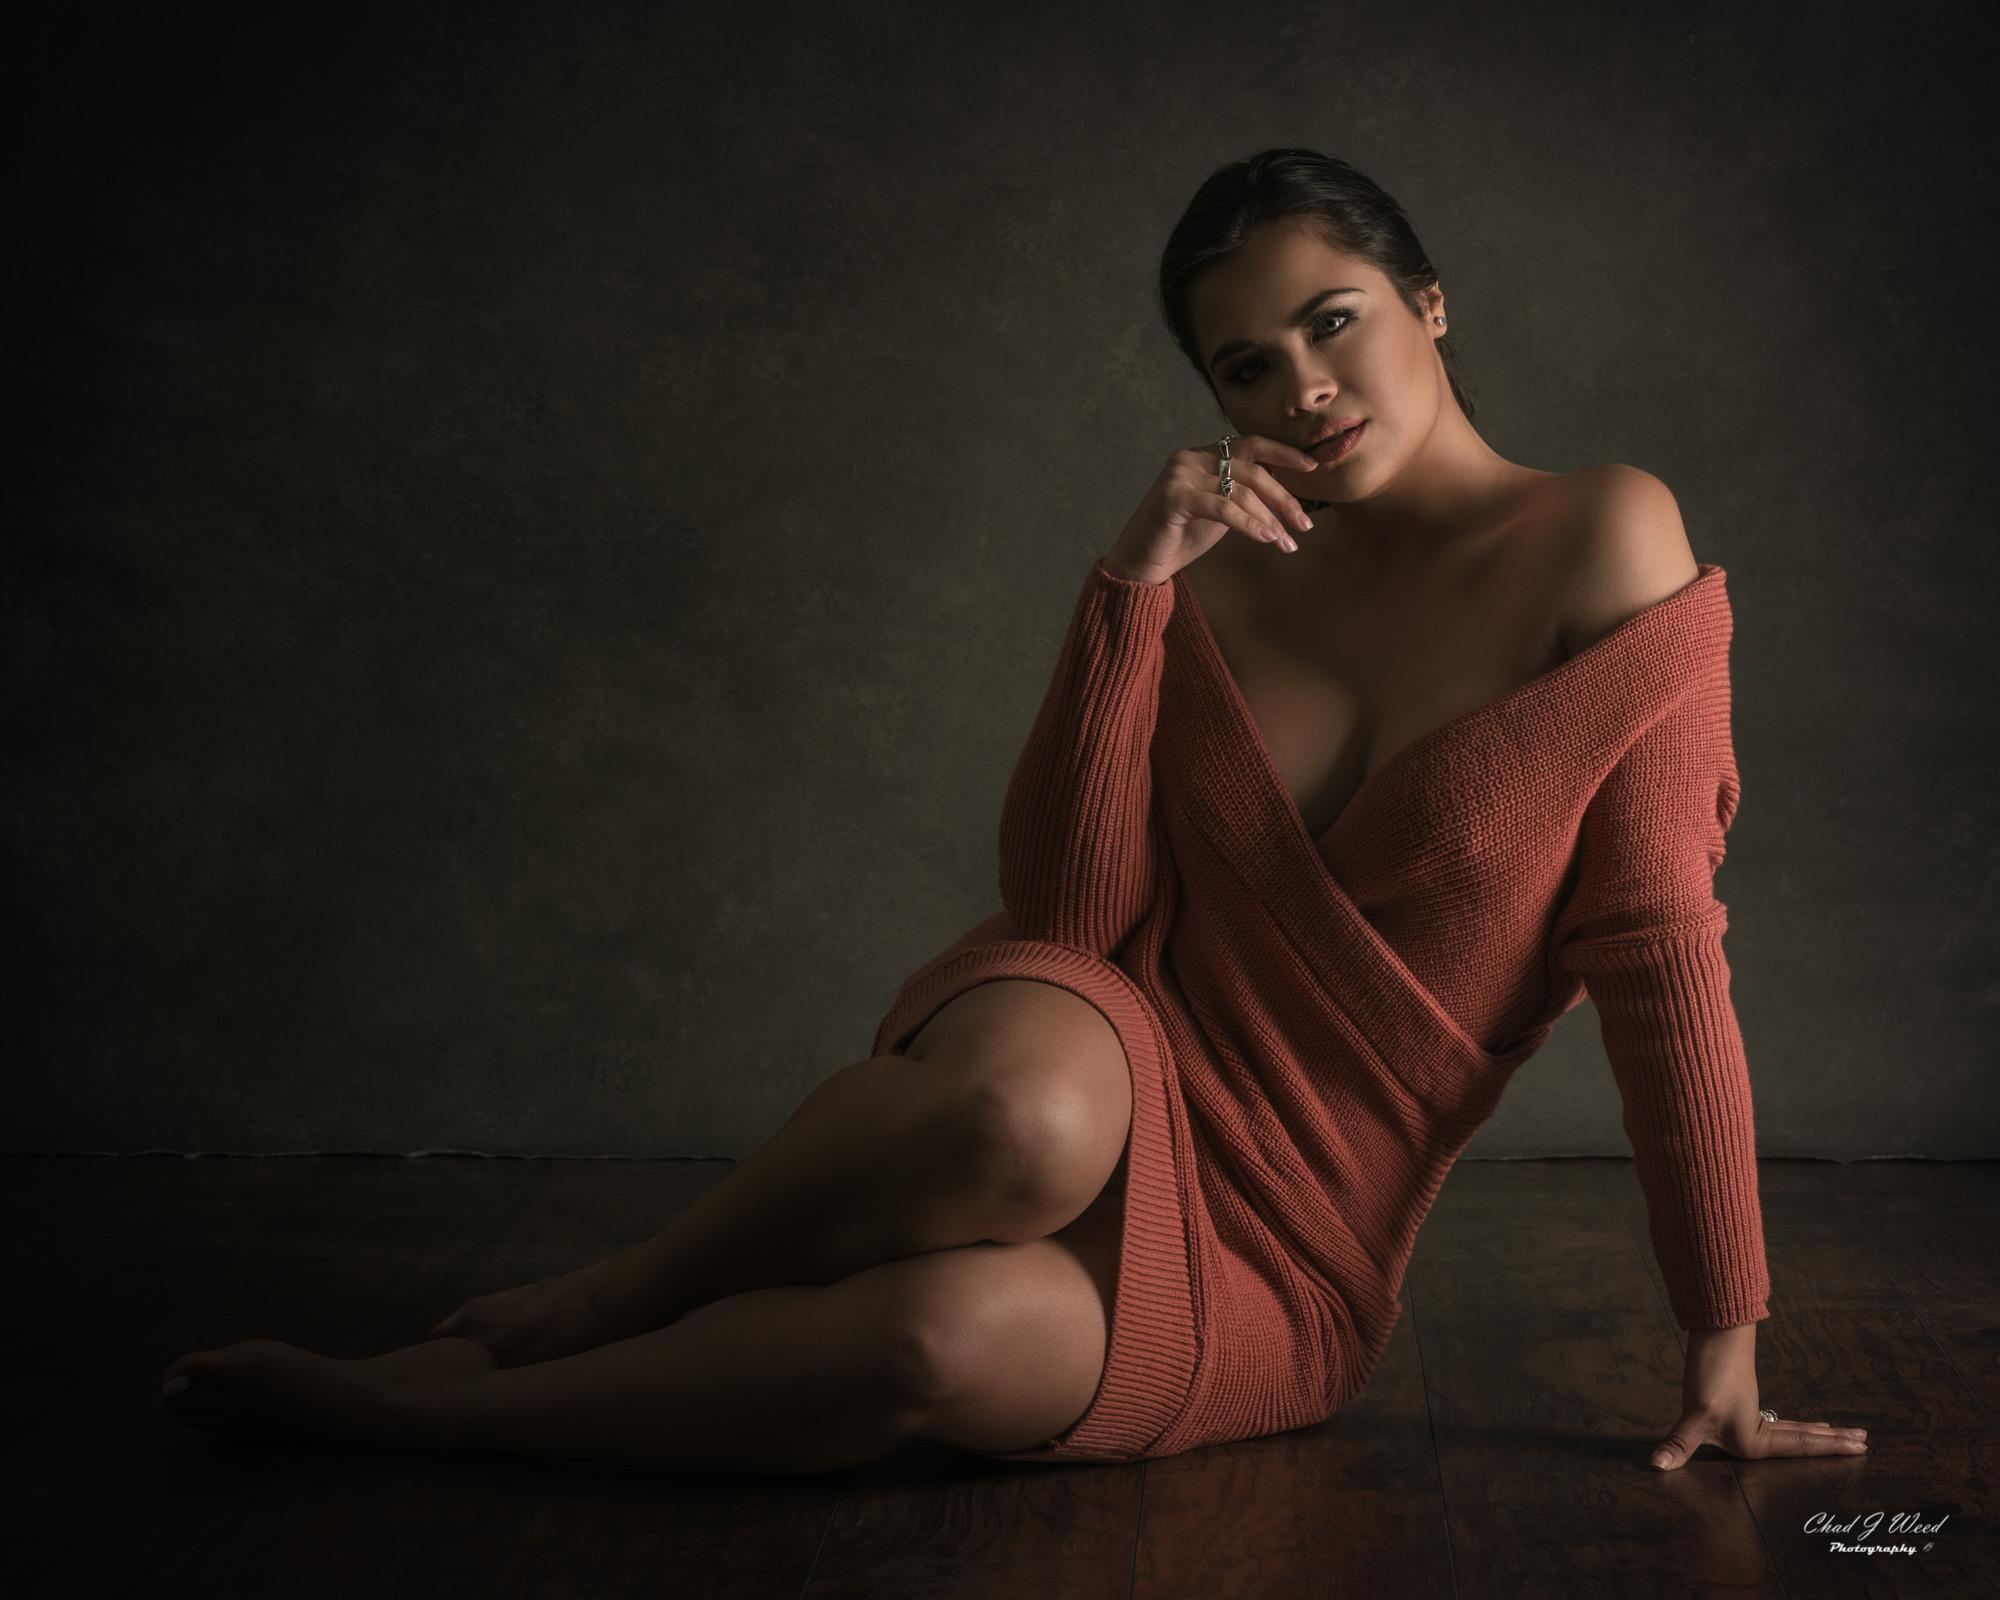 Karla by Mesa Arizona Portrait Photographer Chad Weed